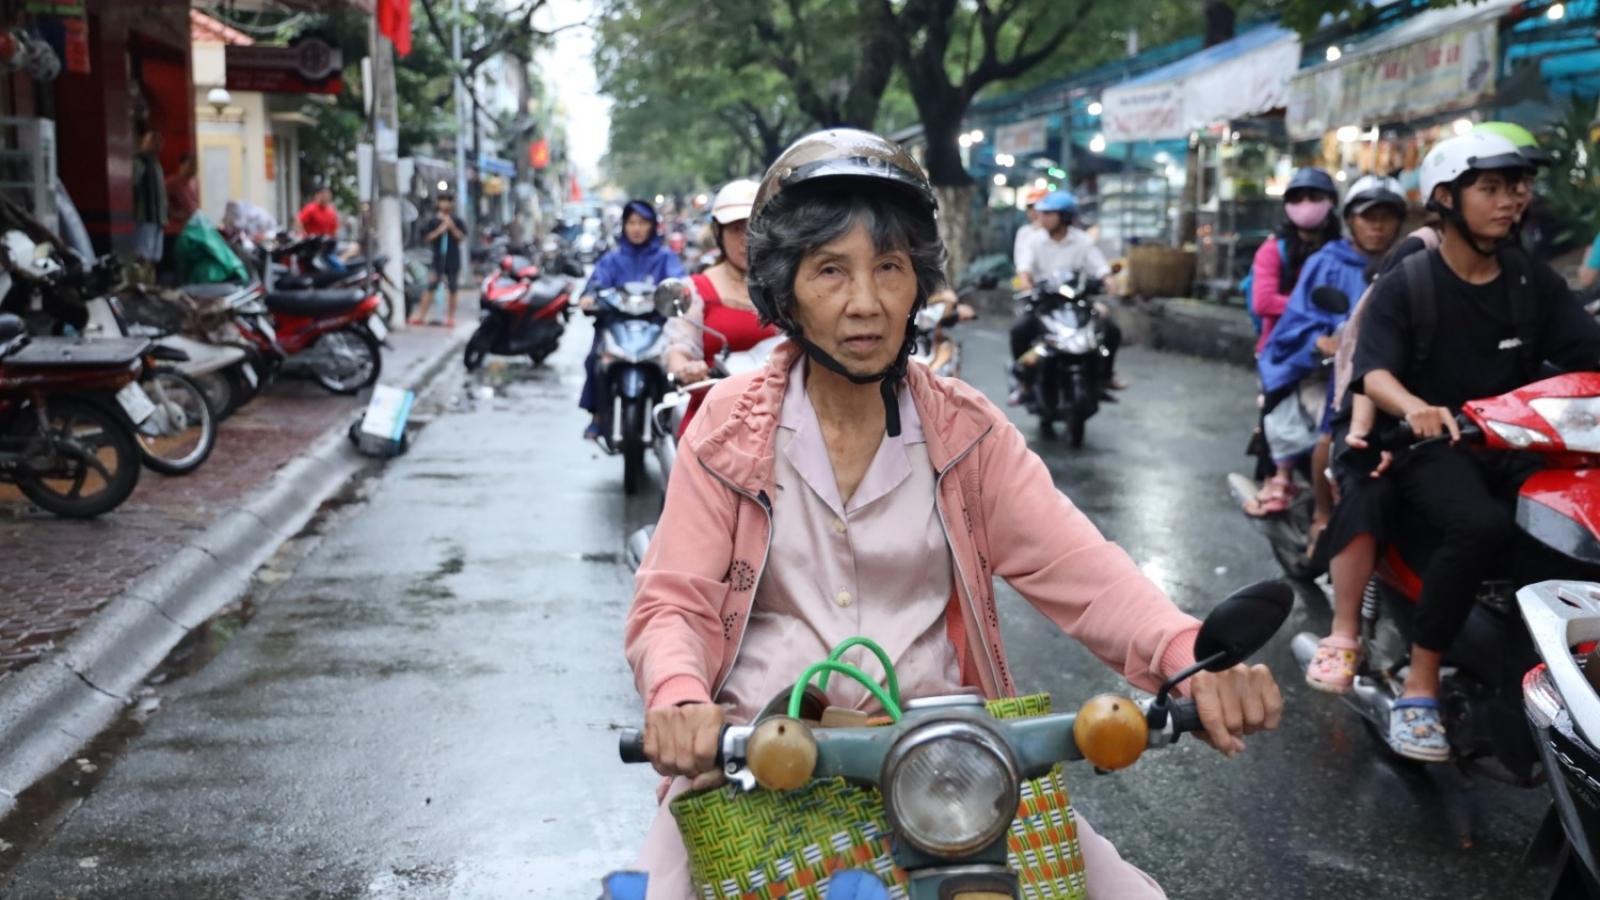 Chuyện đời vất vả của cụ bà U70 nghỉ việc và cơ duyên 16 năm với nghề làm bánh tai yến